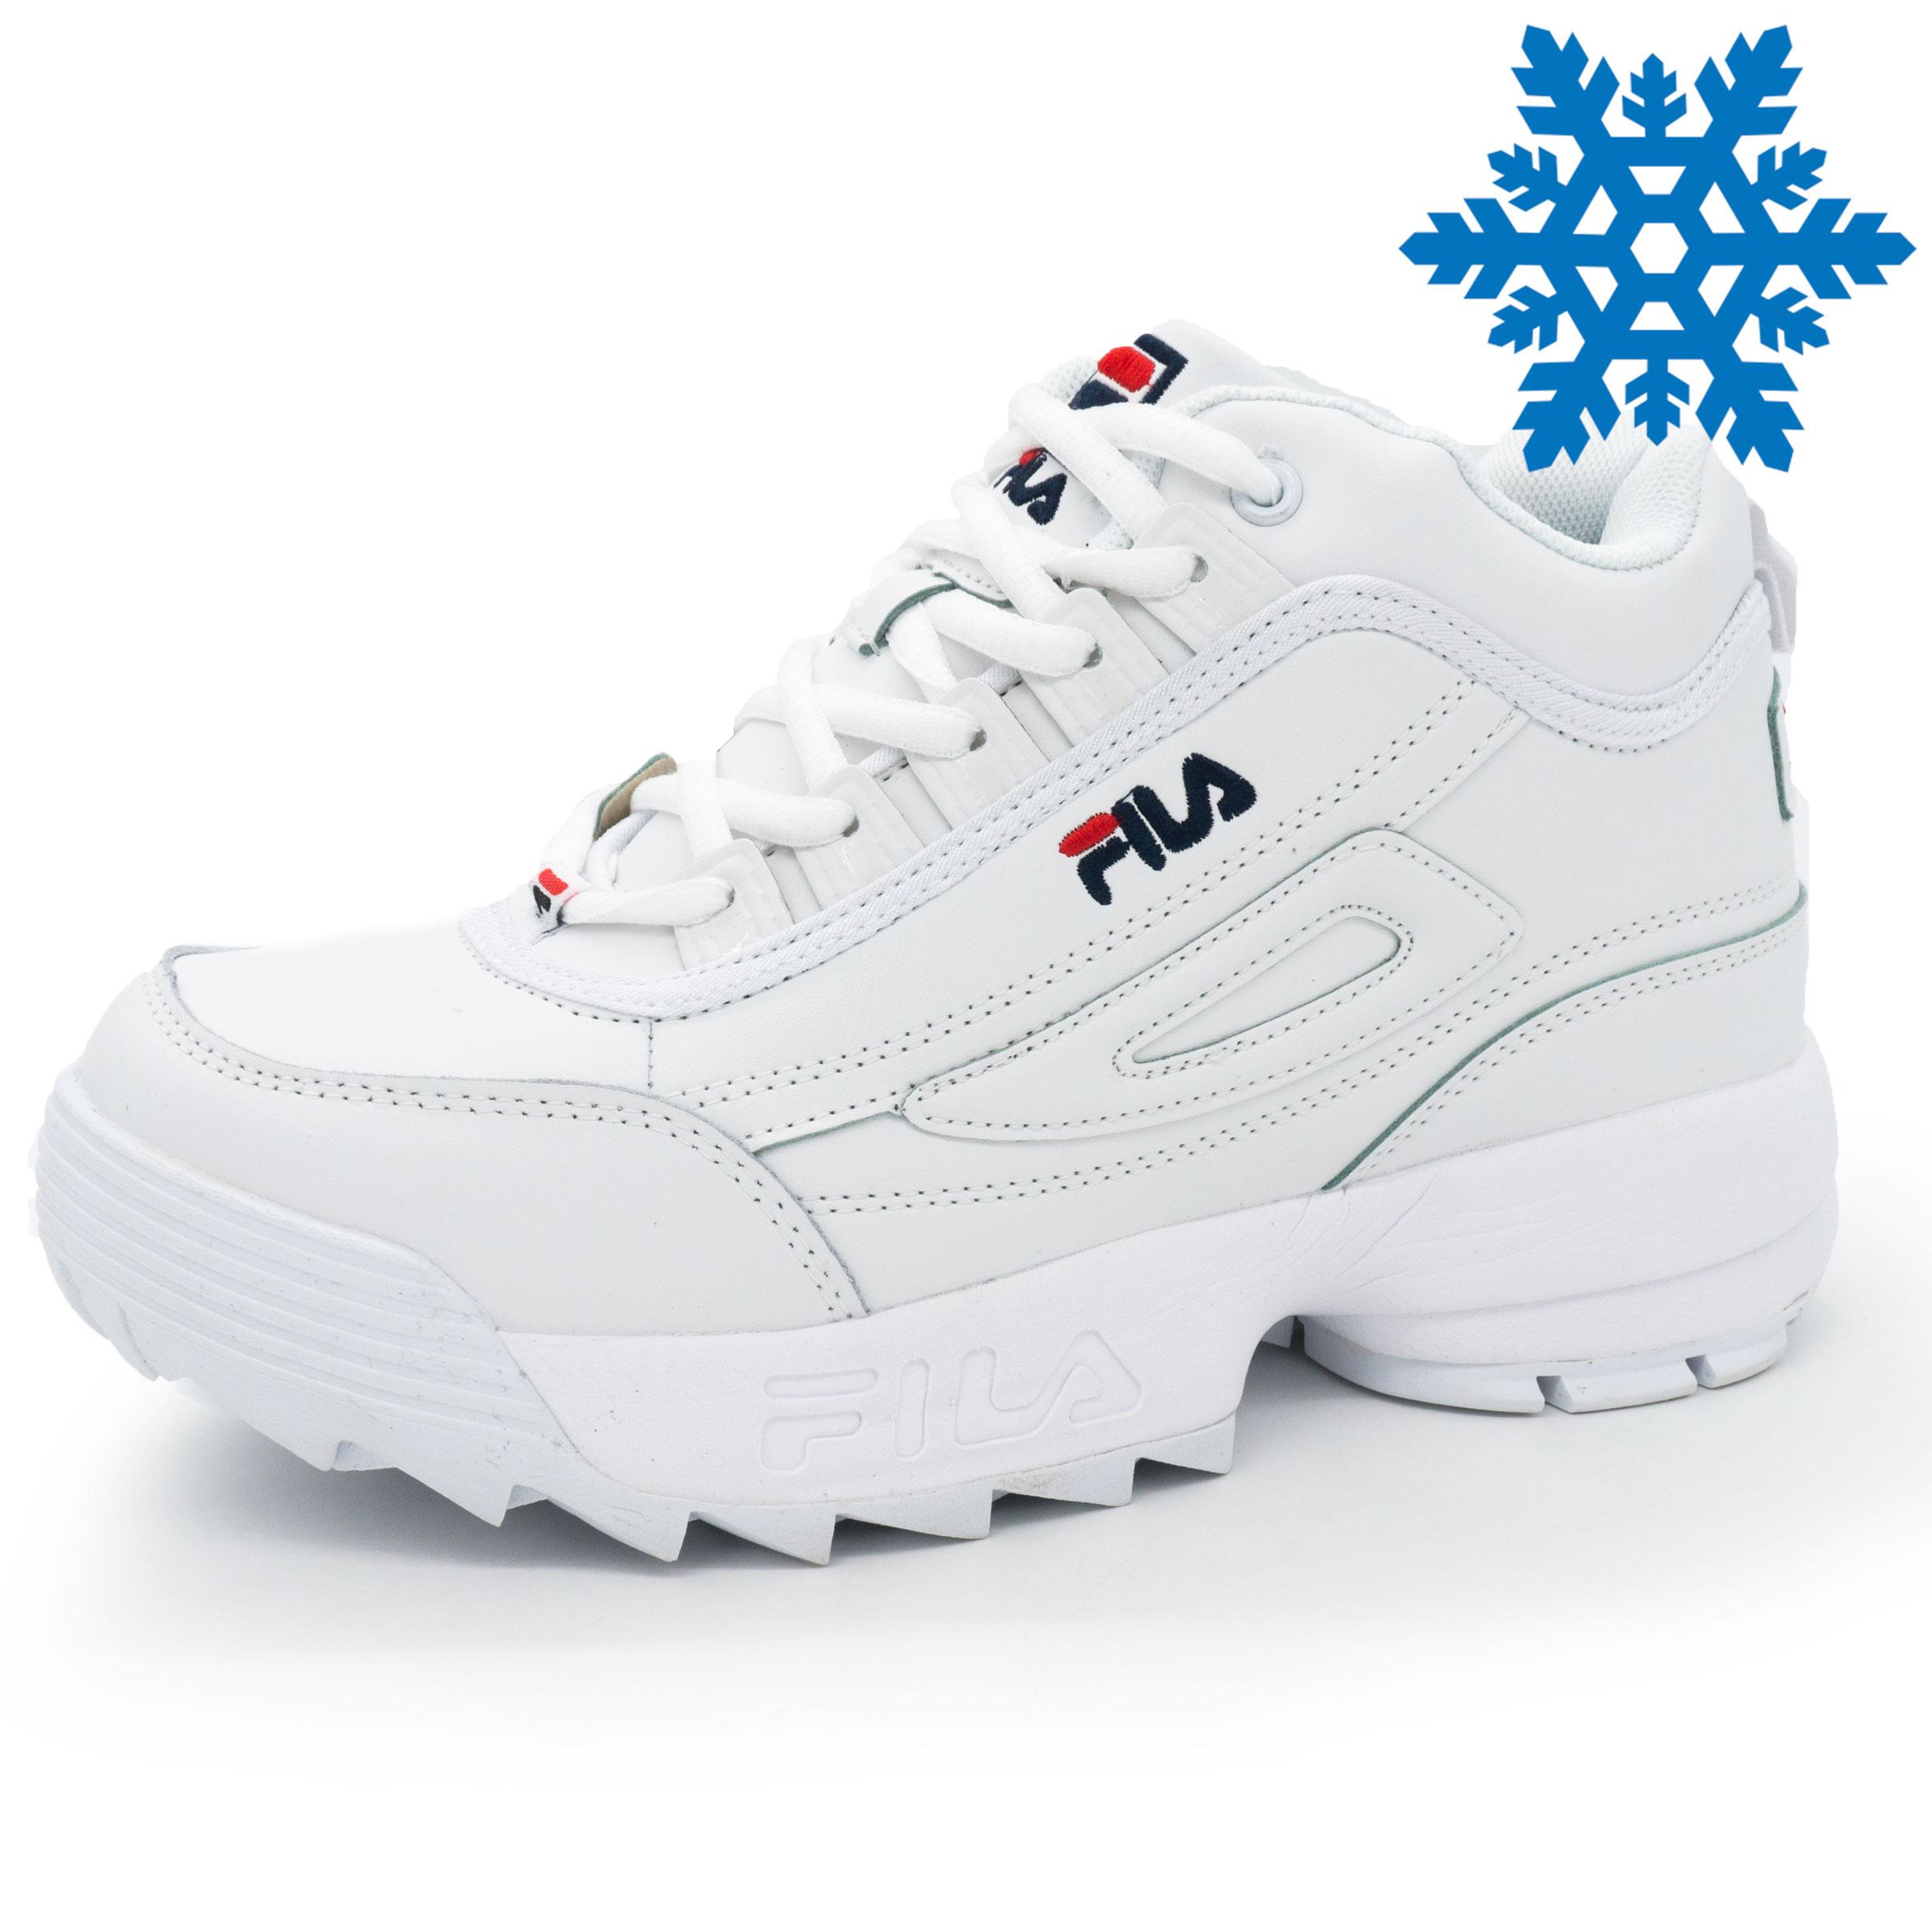 фото main Женские зимние белые кроссовки FILA Disruptor 2 с мехом main